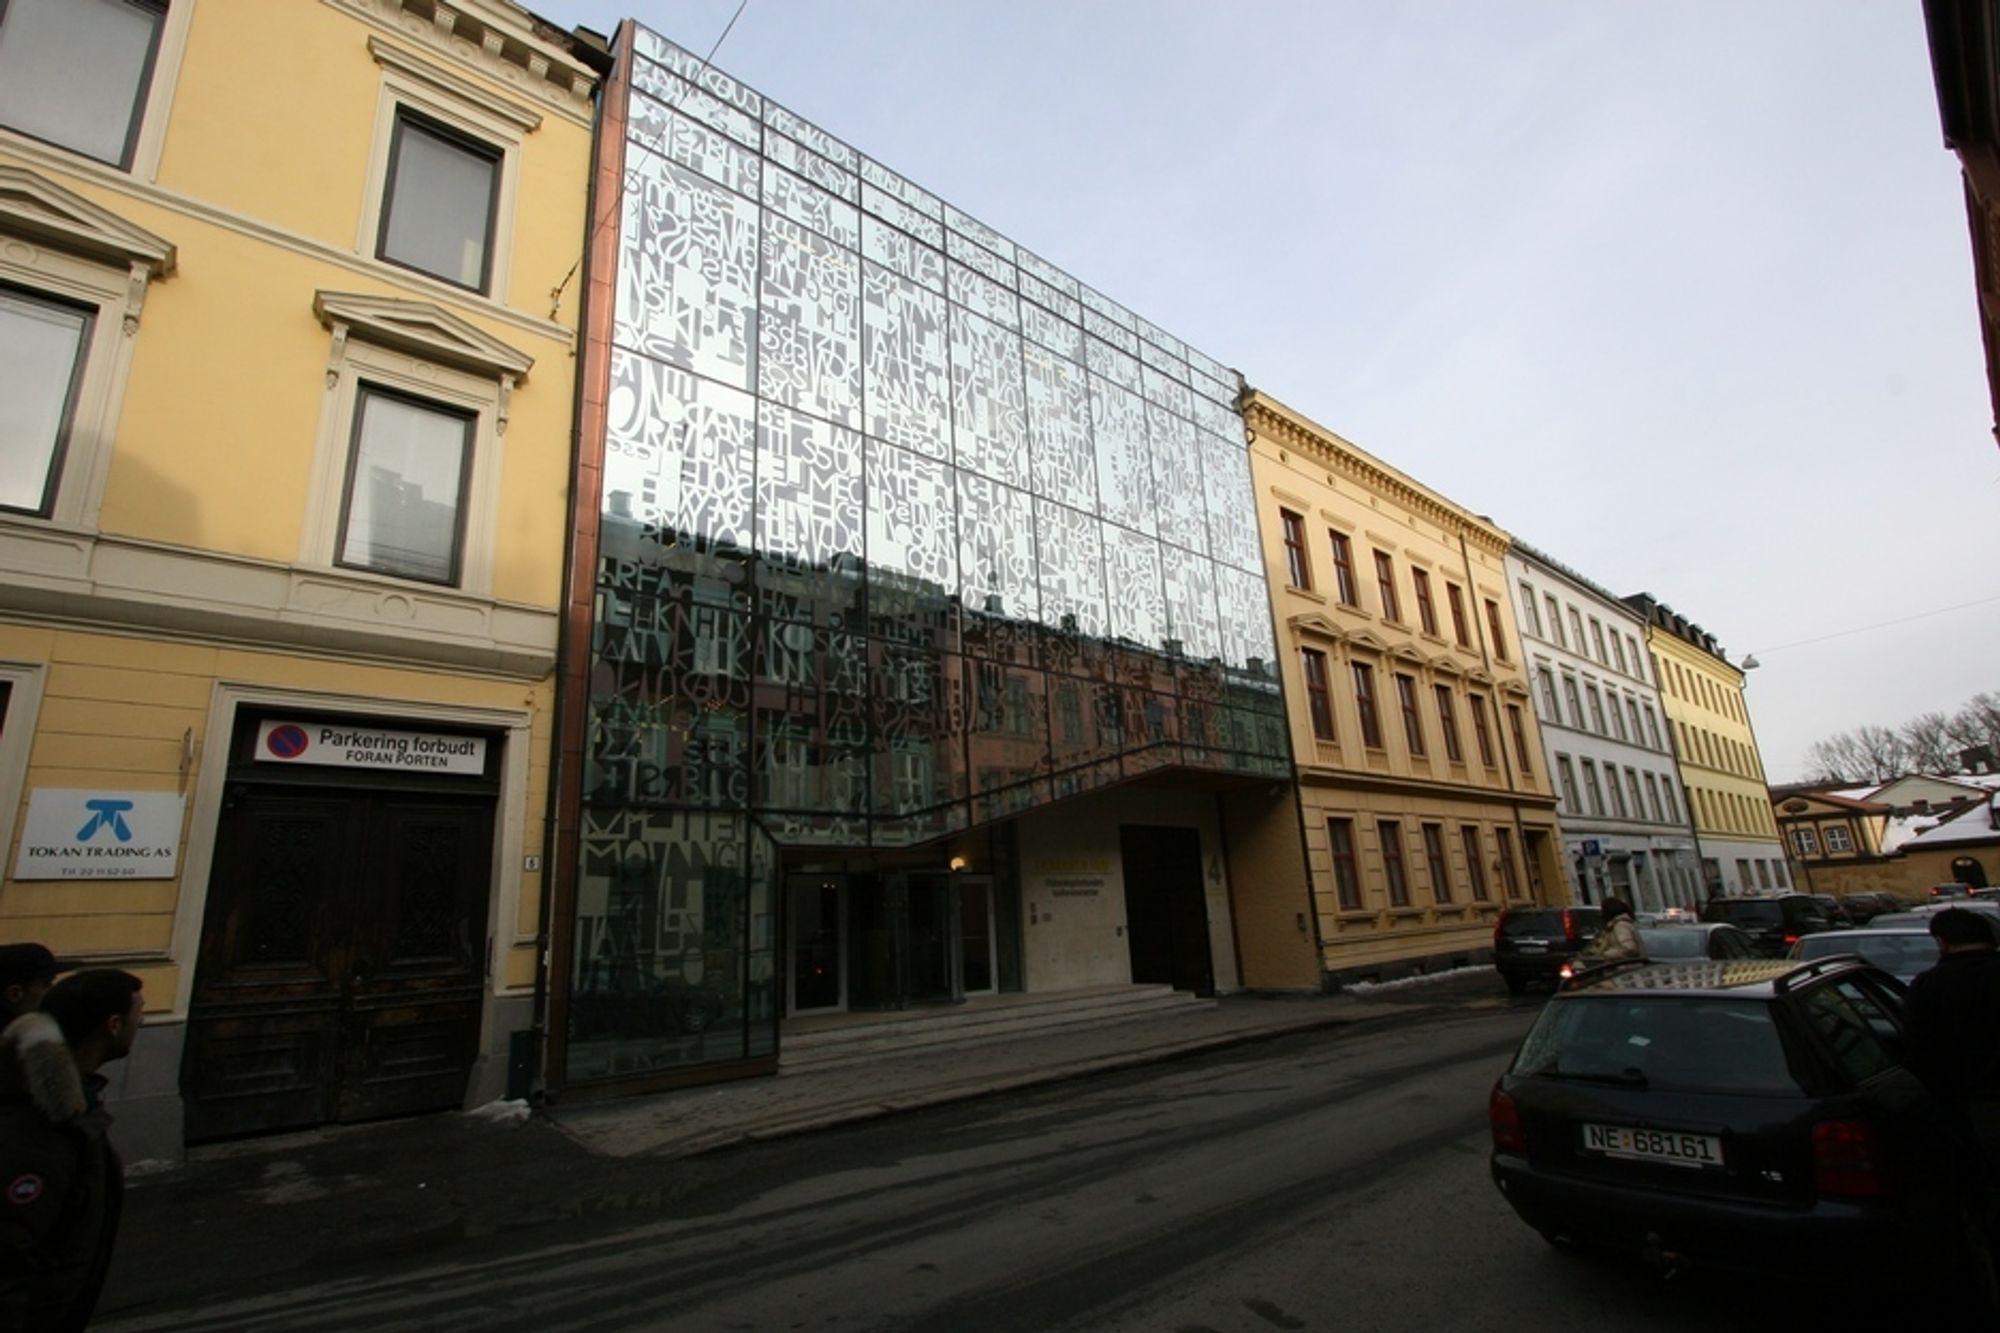 SKILLER SEG UT: Smykkeskrinet skiller seg ut fra de øvrige byggene uten å virke malplassert i en gate med langt over hundre år gamle bygg.